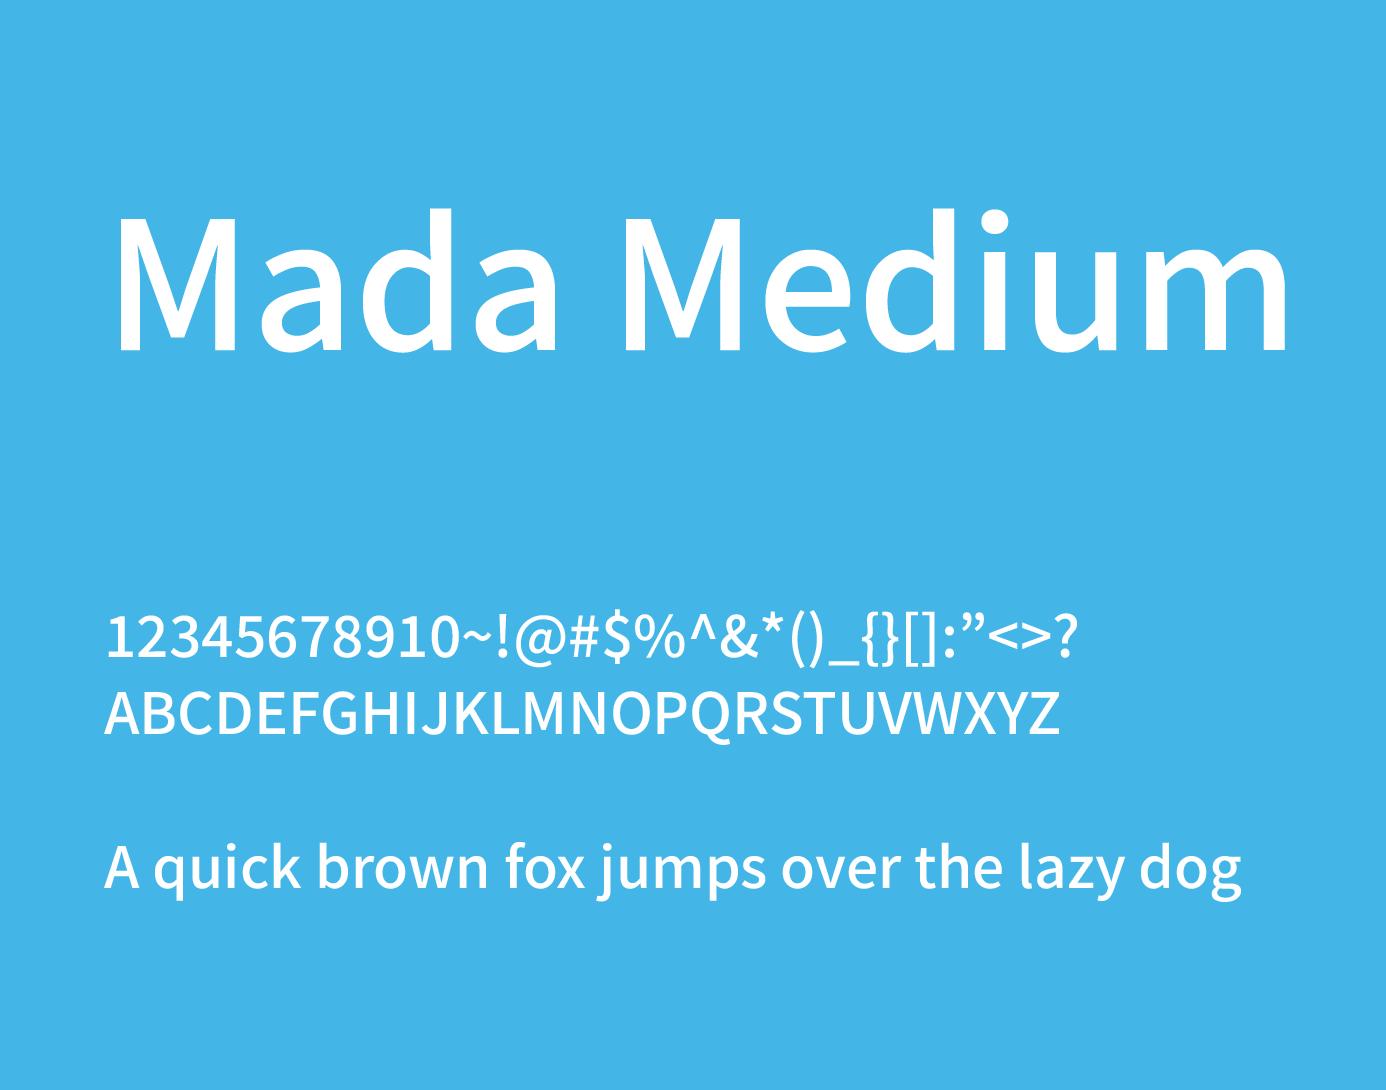 mada medium